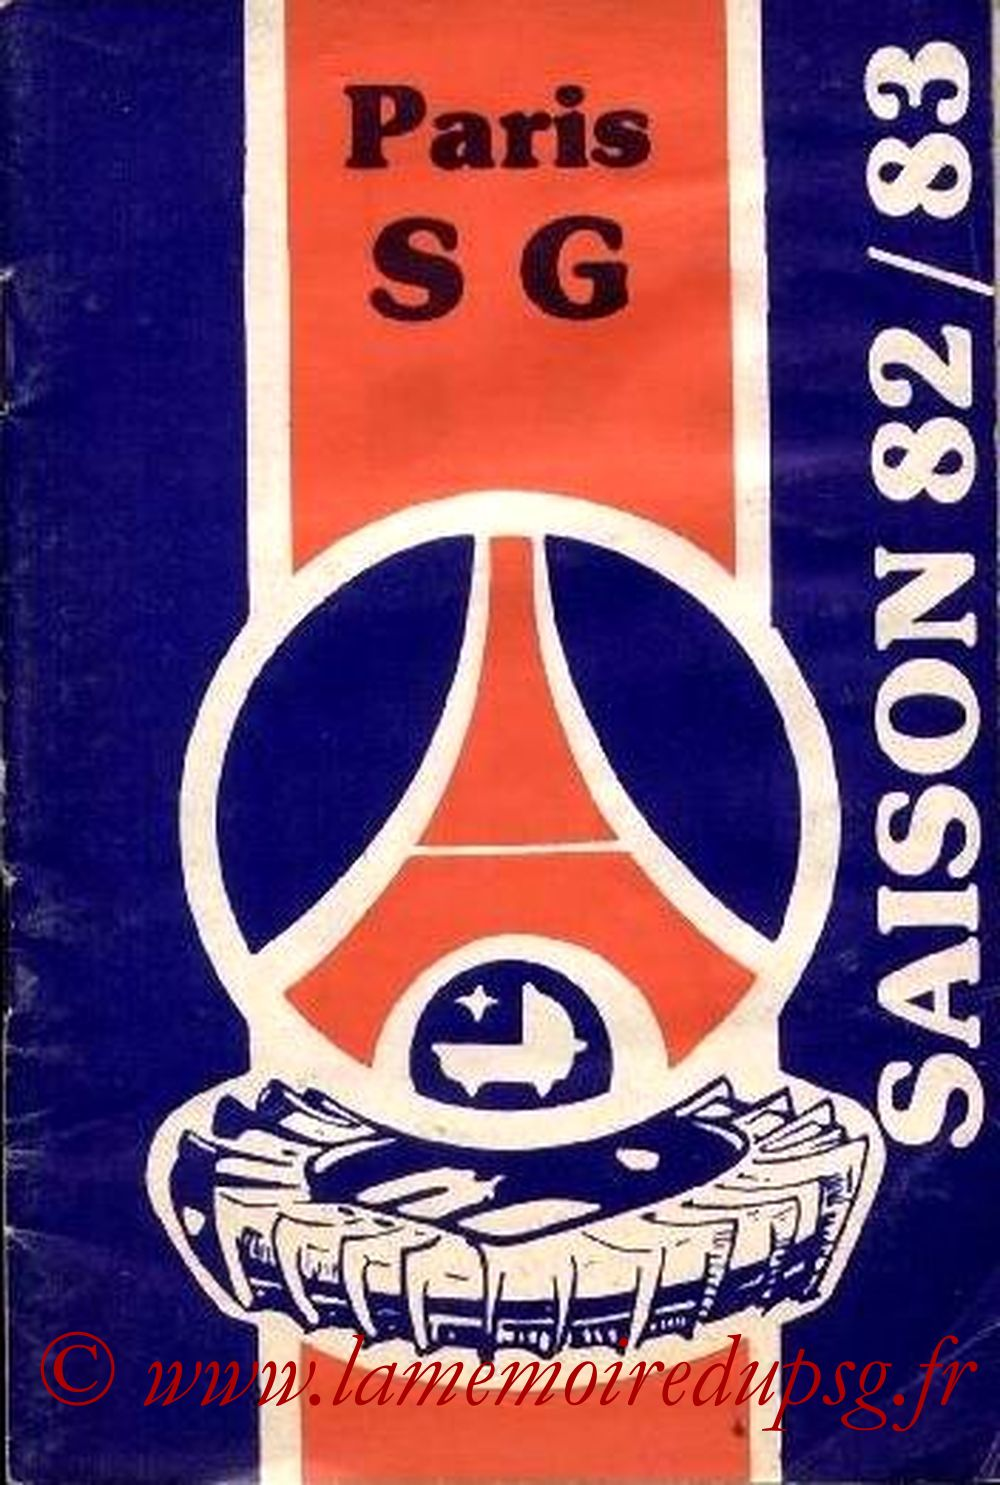 1982-83 - Guide de la Saison PSG